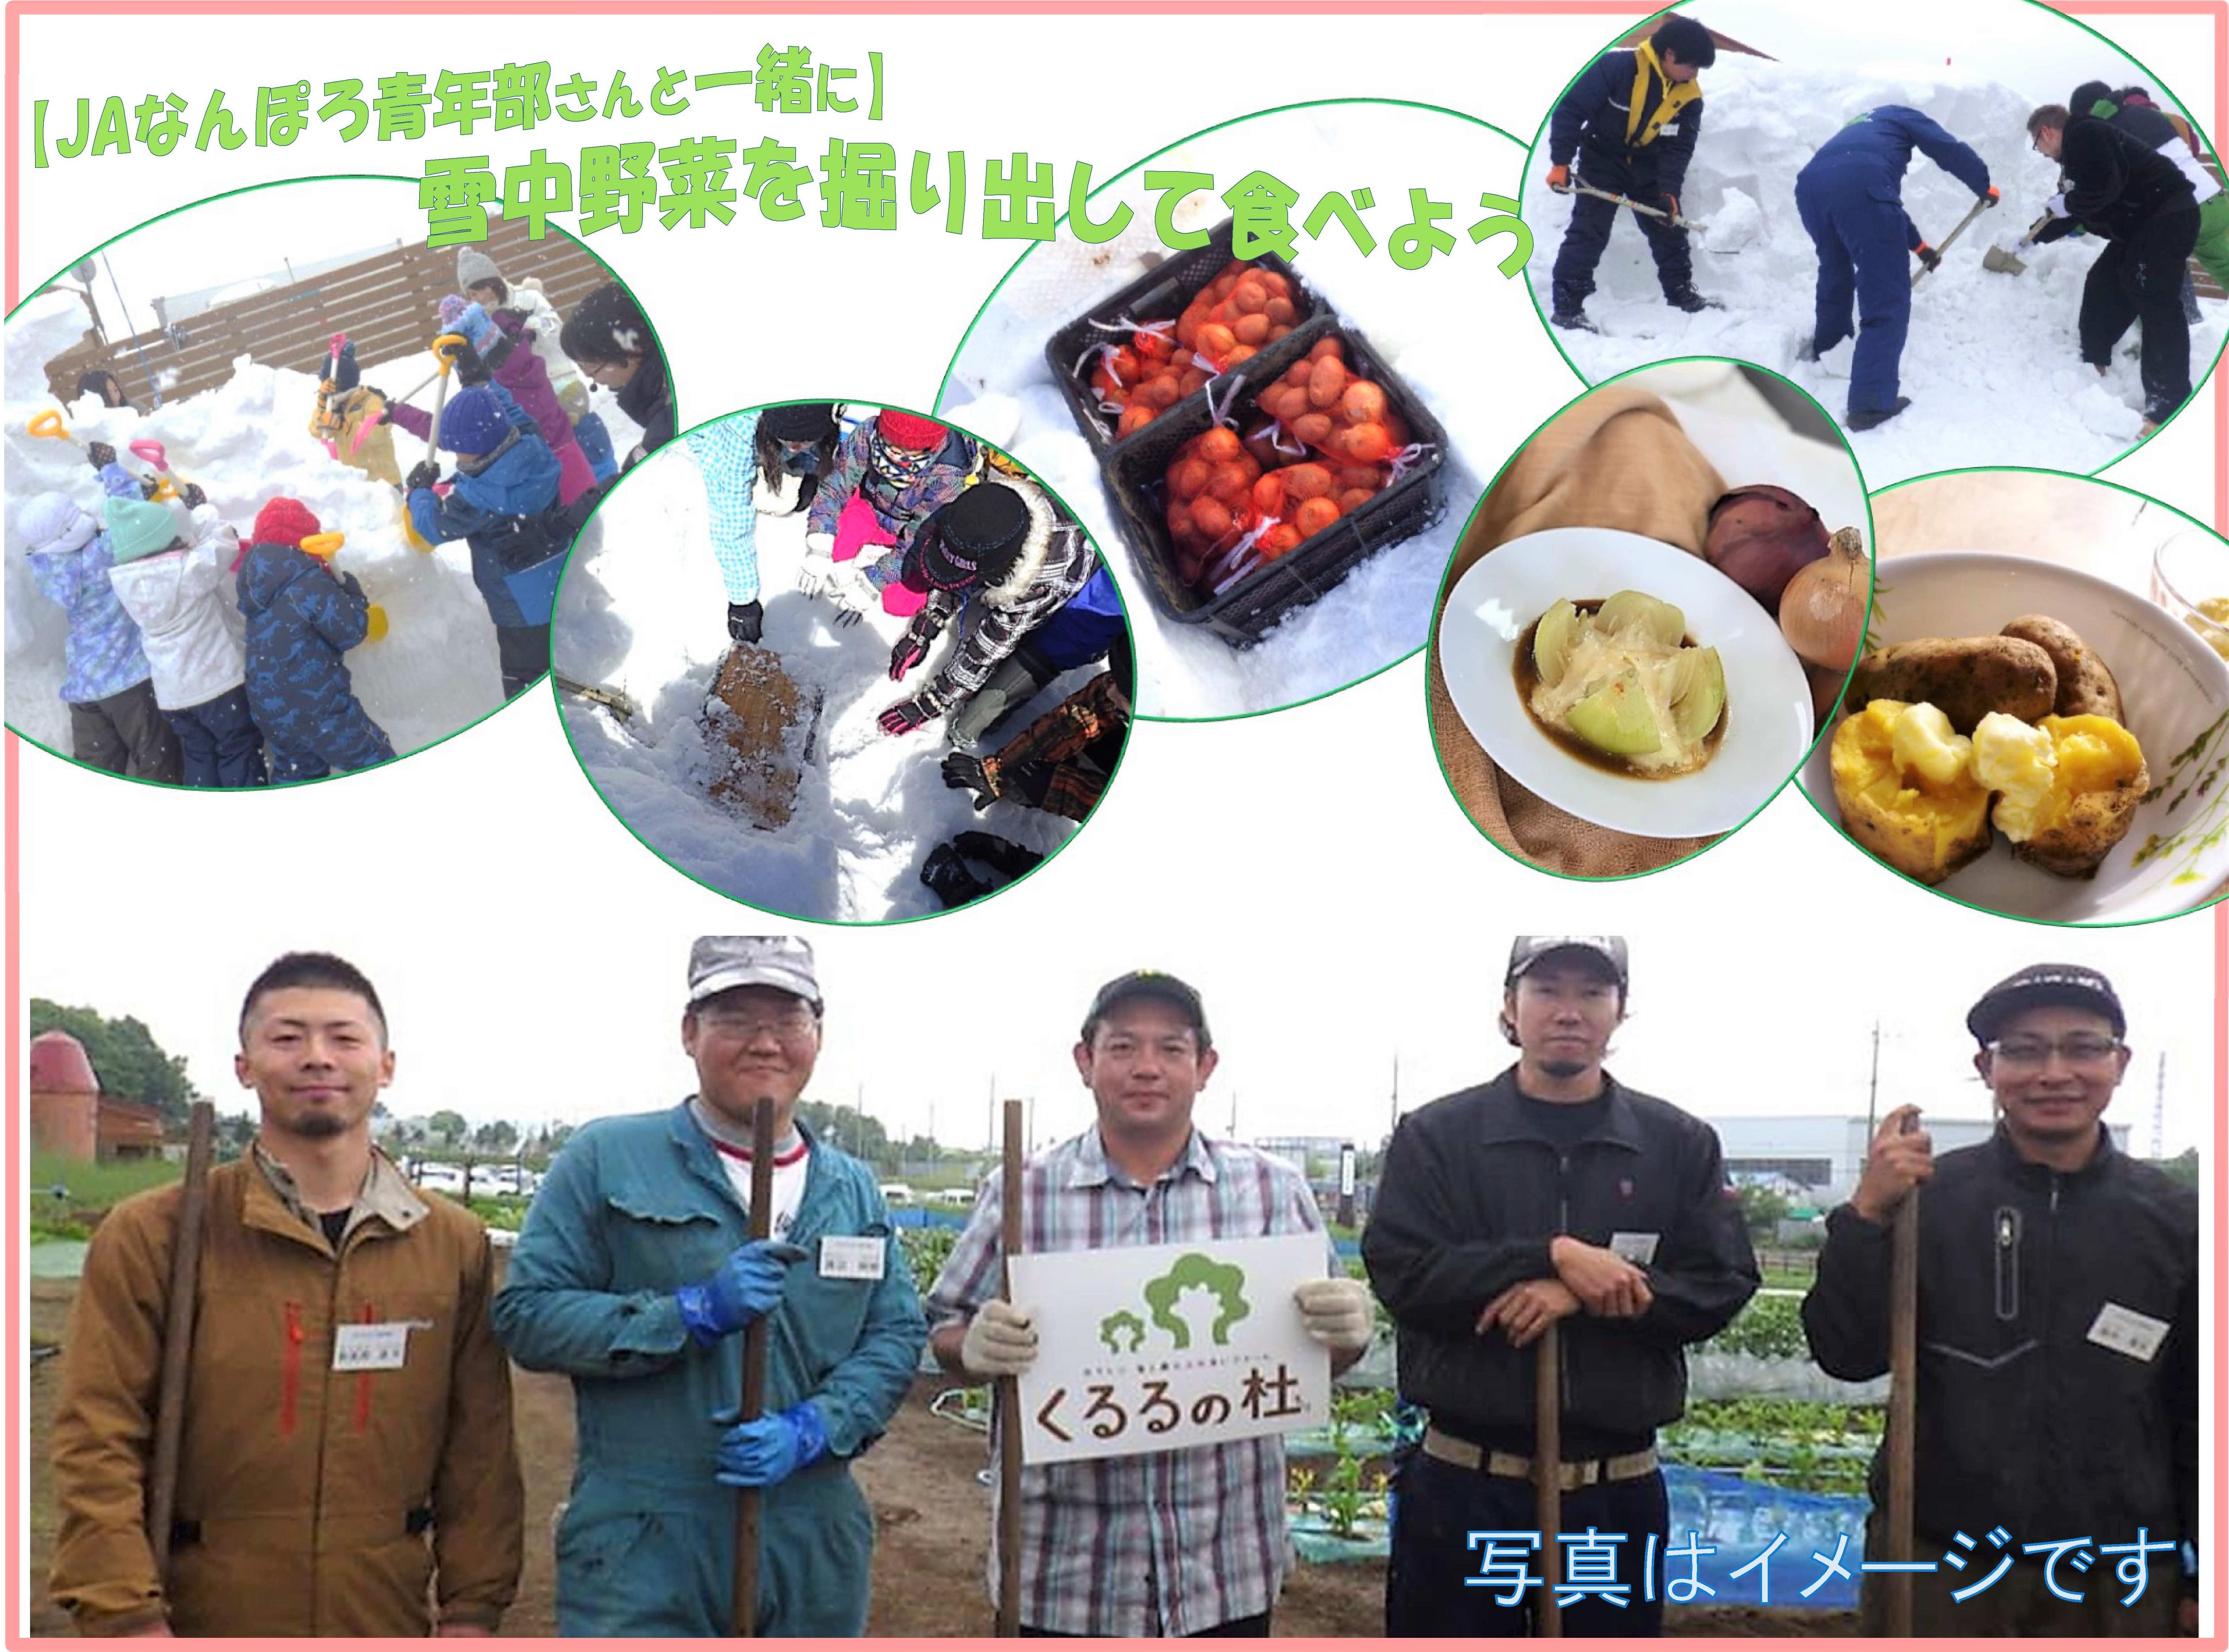 【JAなんぽろ青年部さんと一緒に】雪中野菜を掘り出して食べよう